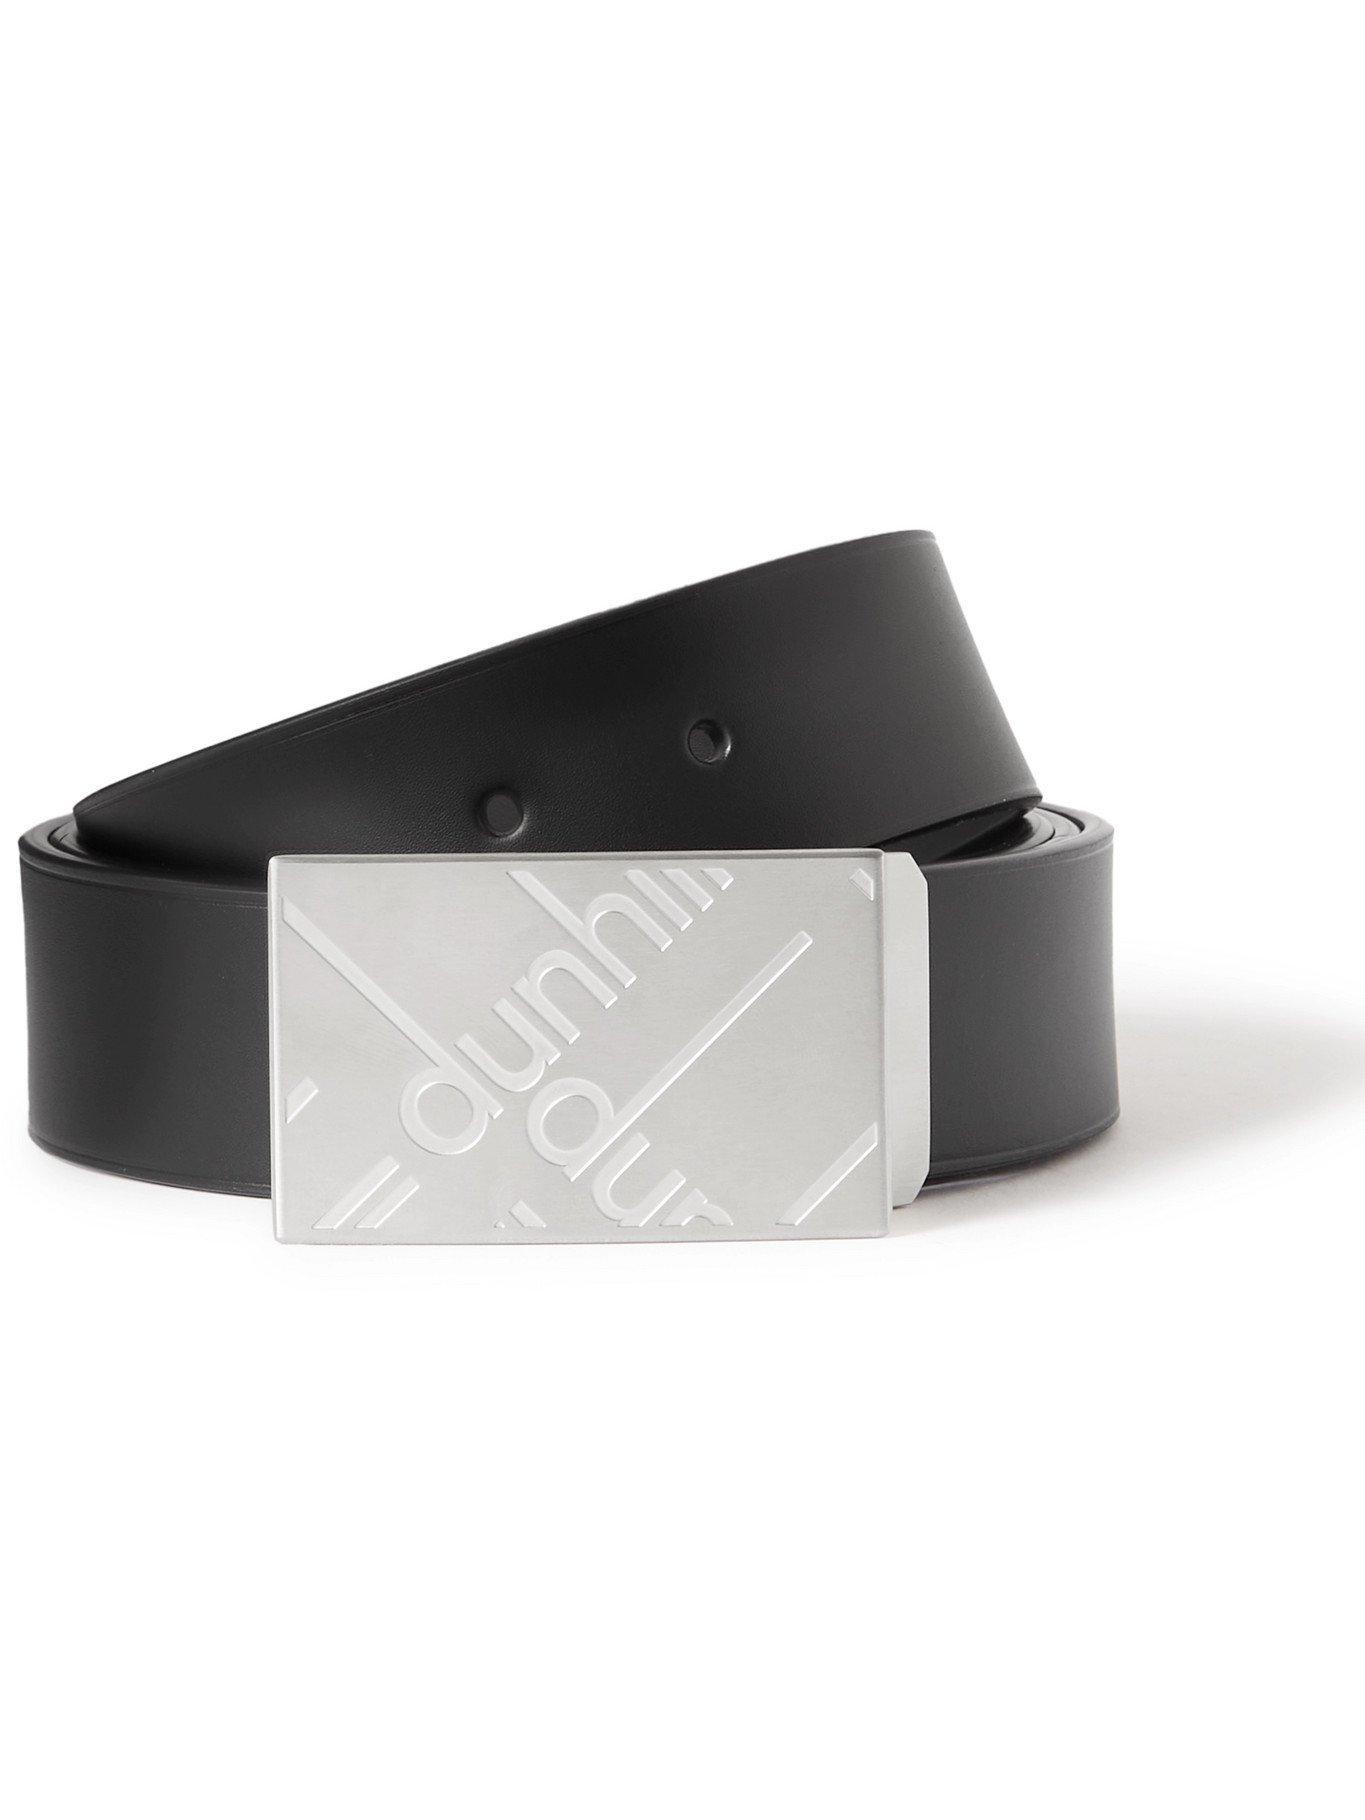 DUNHILL - 3.5cm Leather Belt - Black